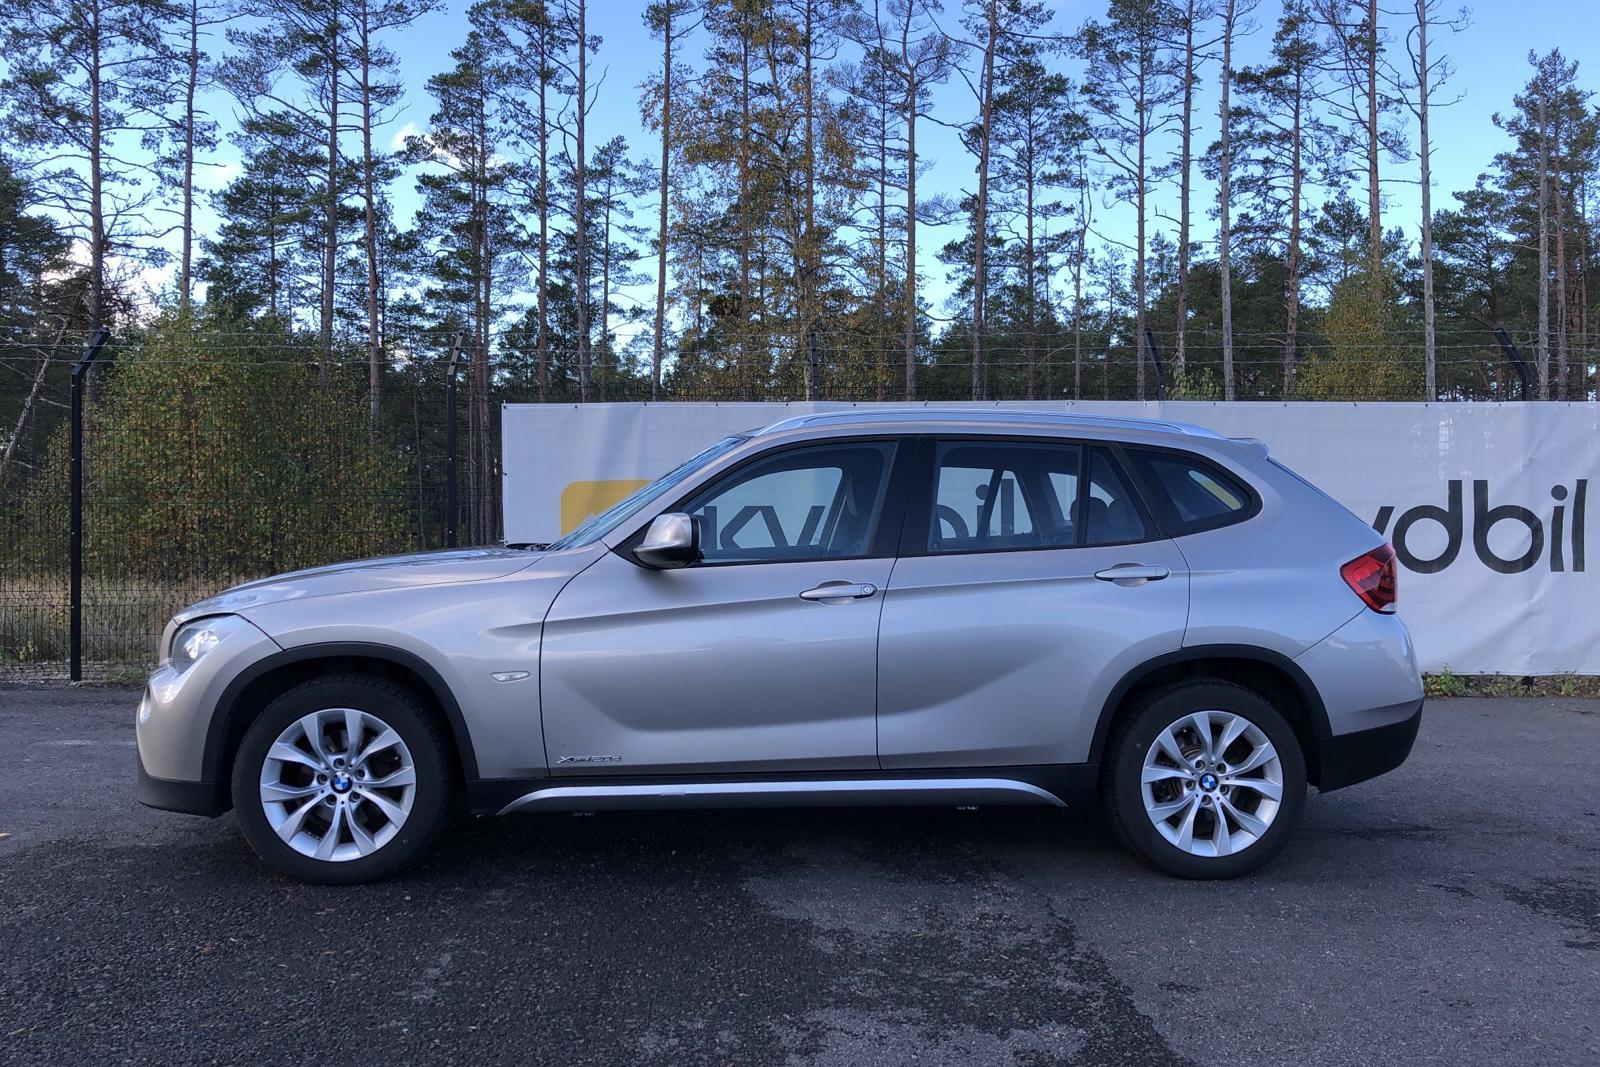 BMW X1 xDrive20d, E84 (177hk) - 162 000 km - Automatic - silver - 2010